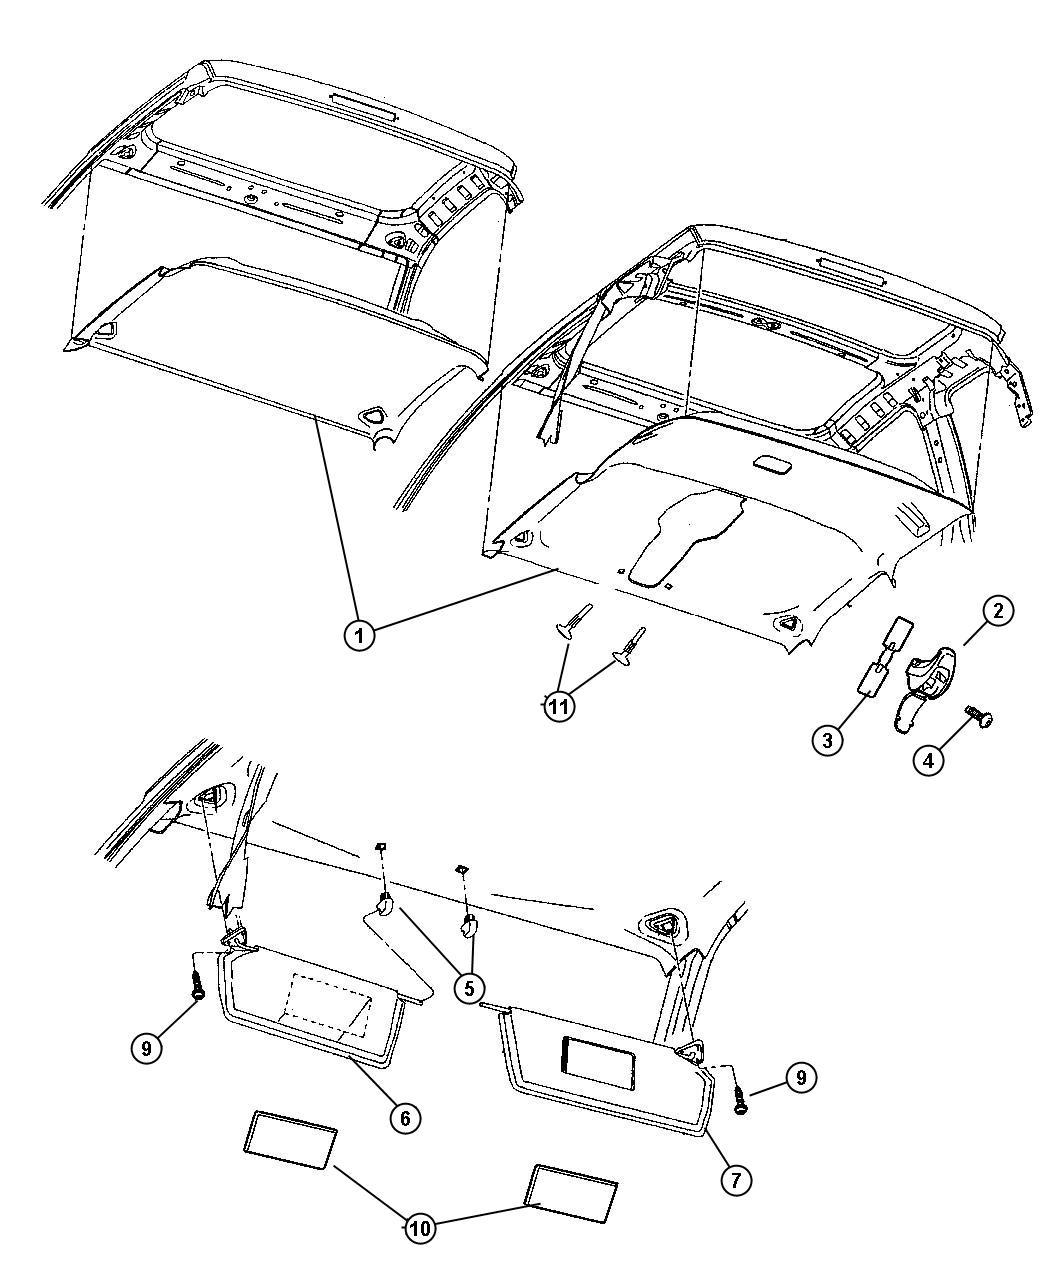 1992 jeep cherokee door latch diagram